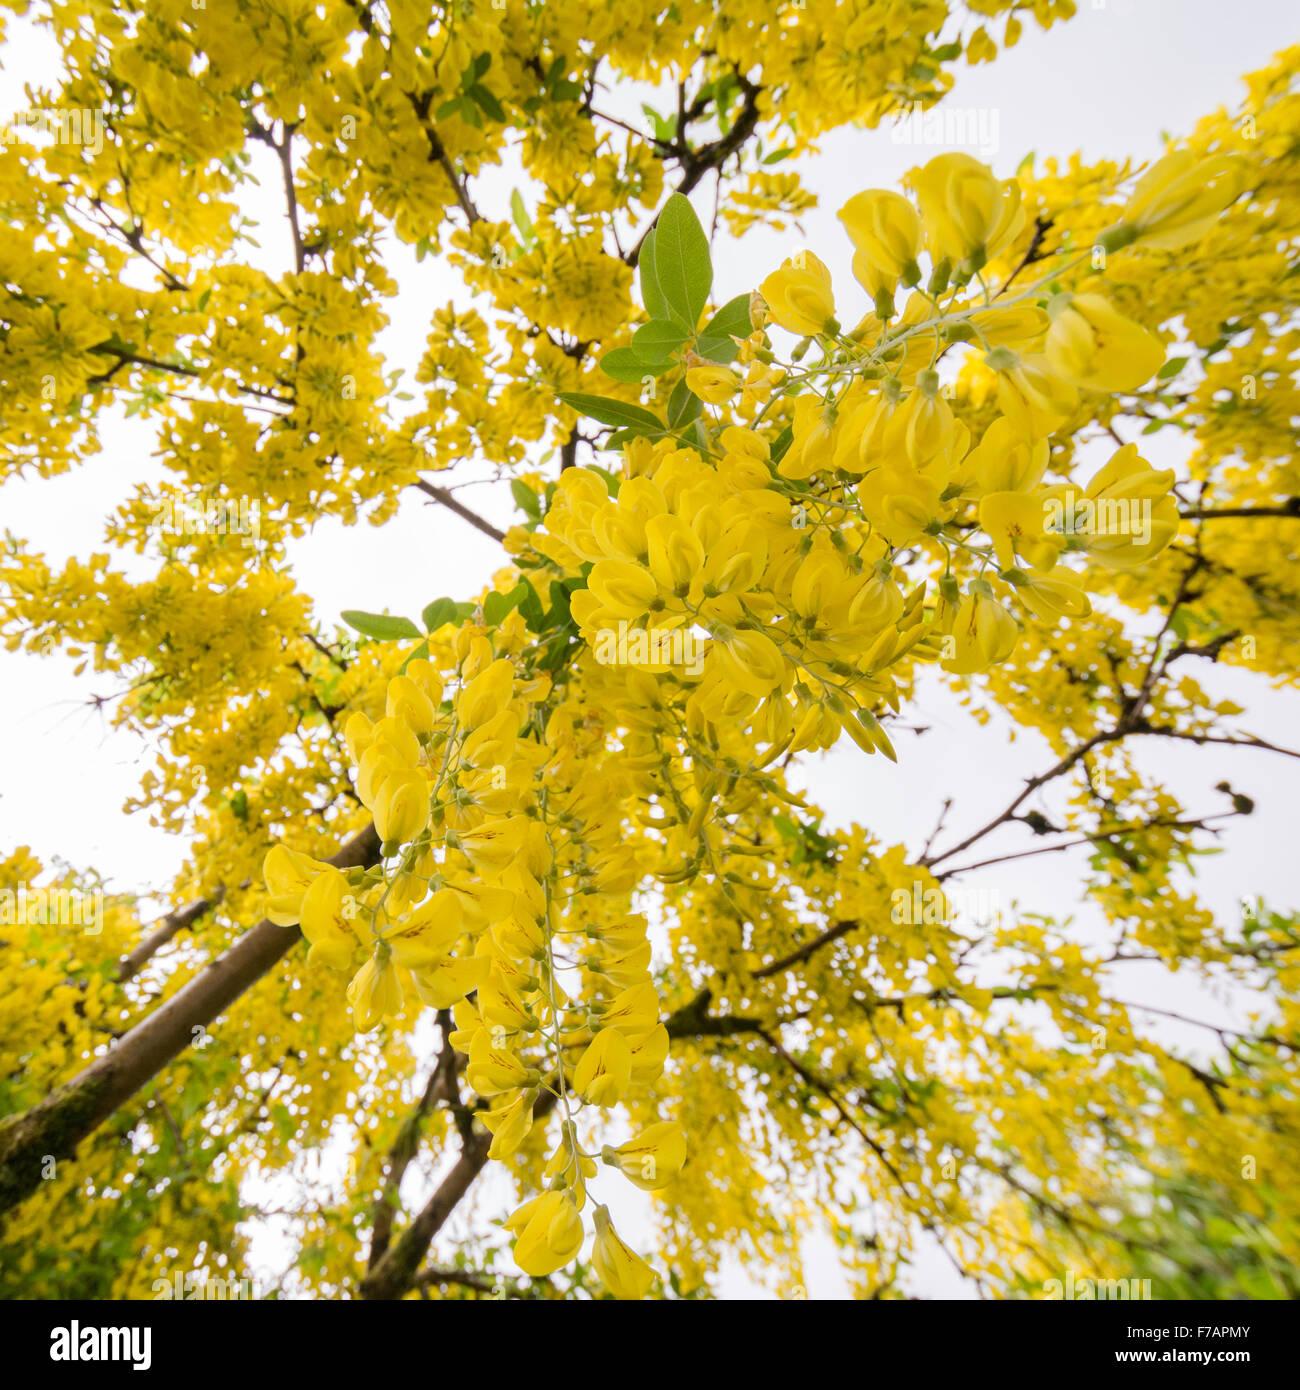 Common Yellow Garden Flowers common laburnum tree in uk garden - standing underneath looking up